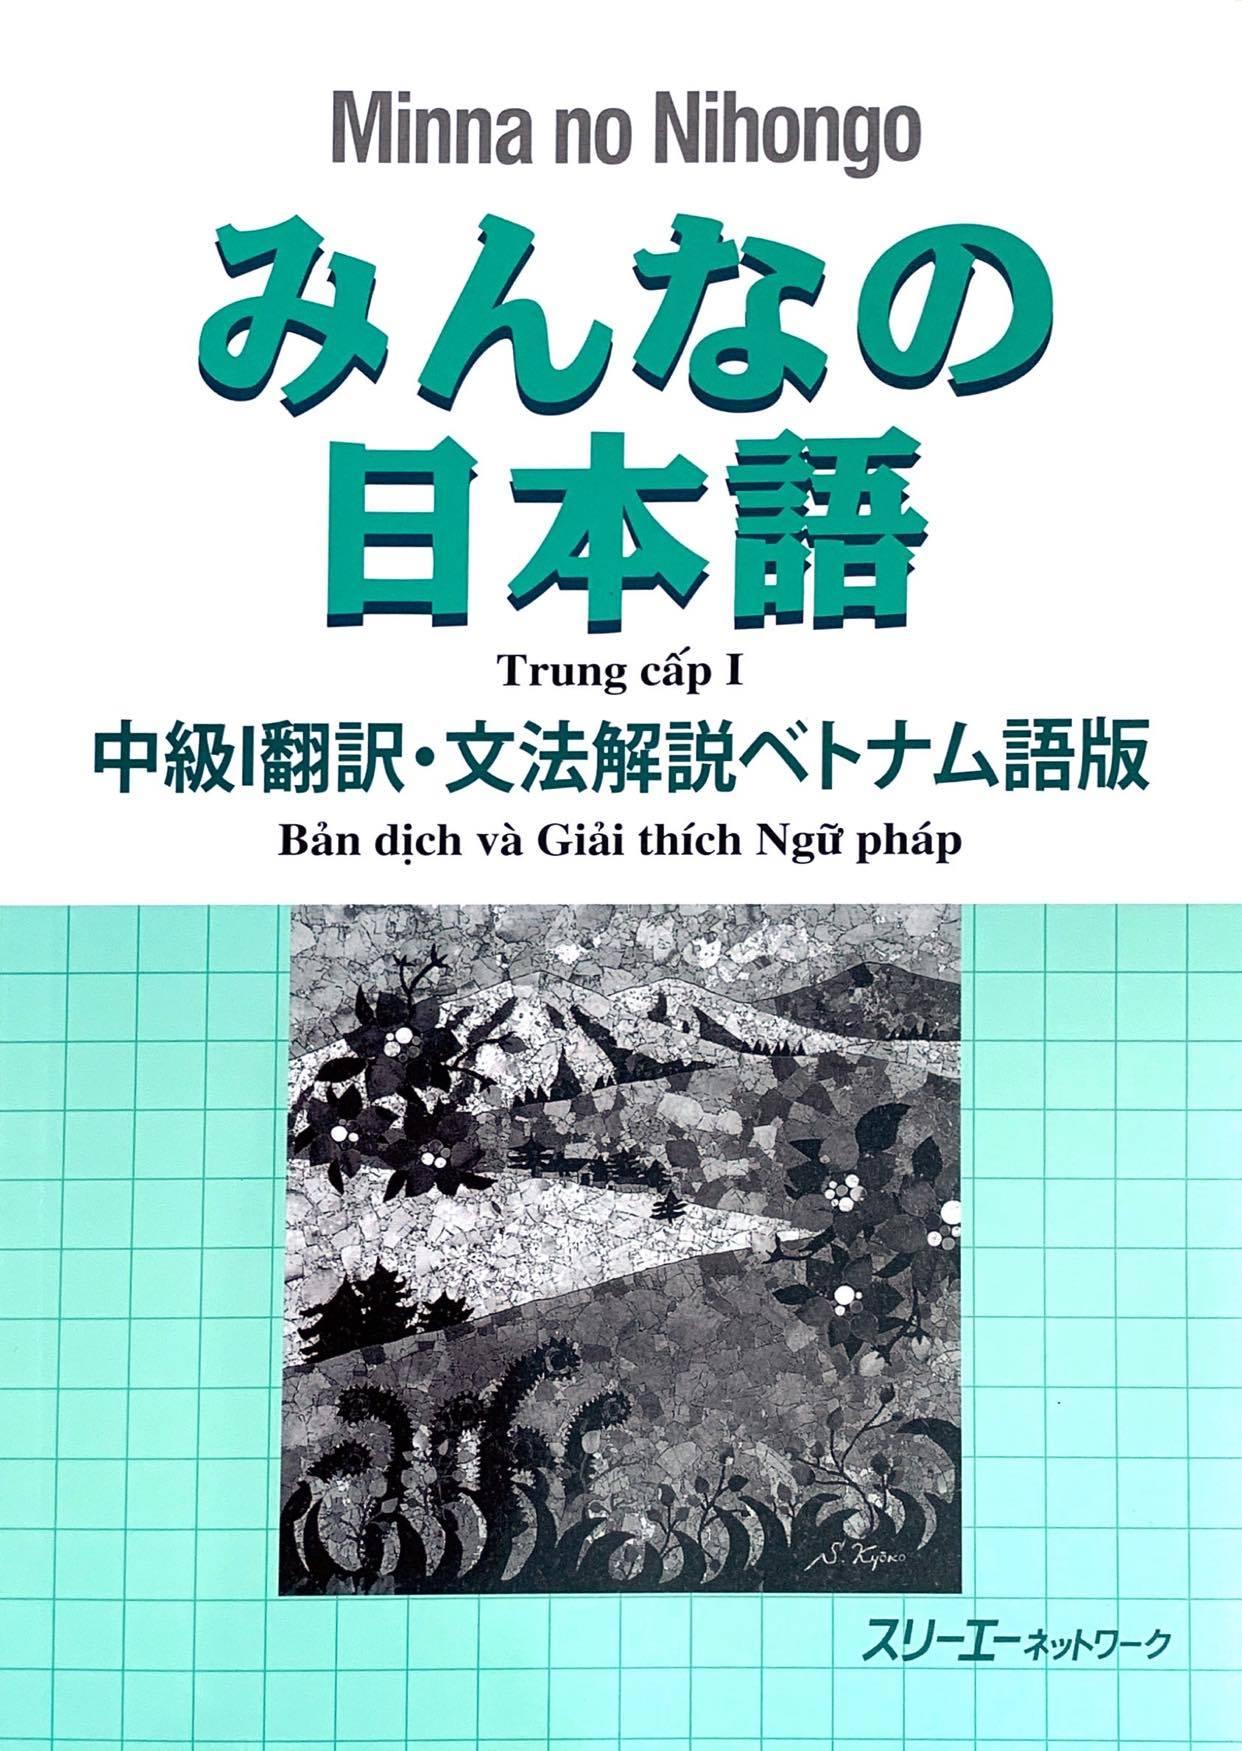 Lifestyle designMinna no Nihongo Trung Cấp 1 – Bản Dịch và Giải Thích Ngữ Pháp Tiếng Việt